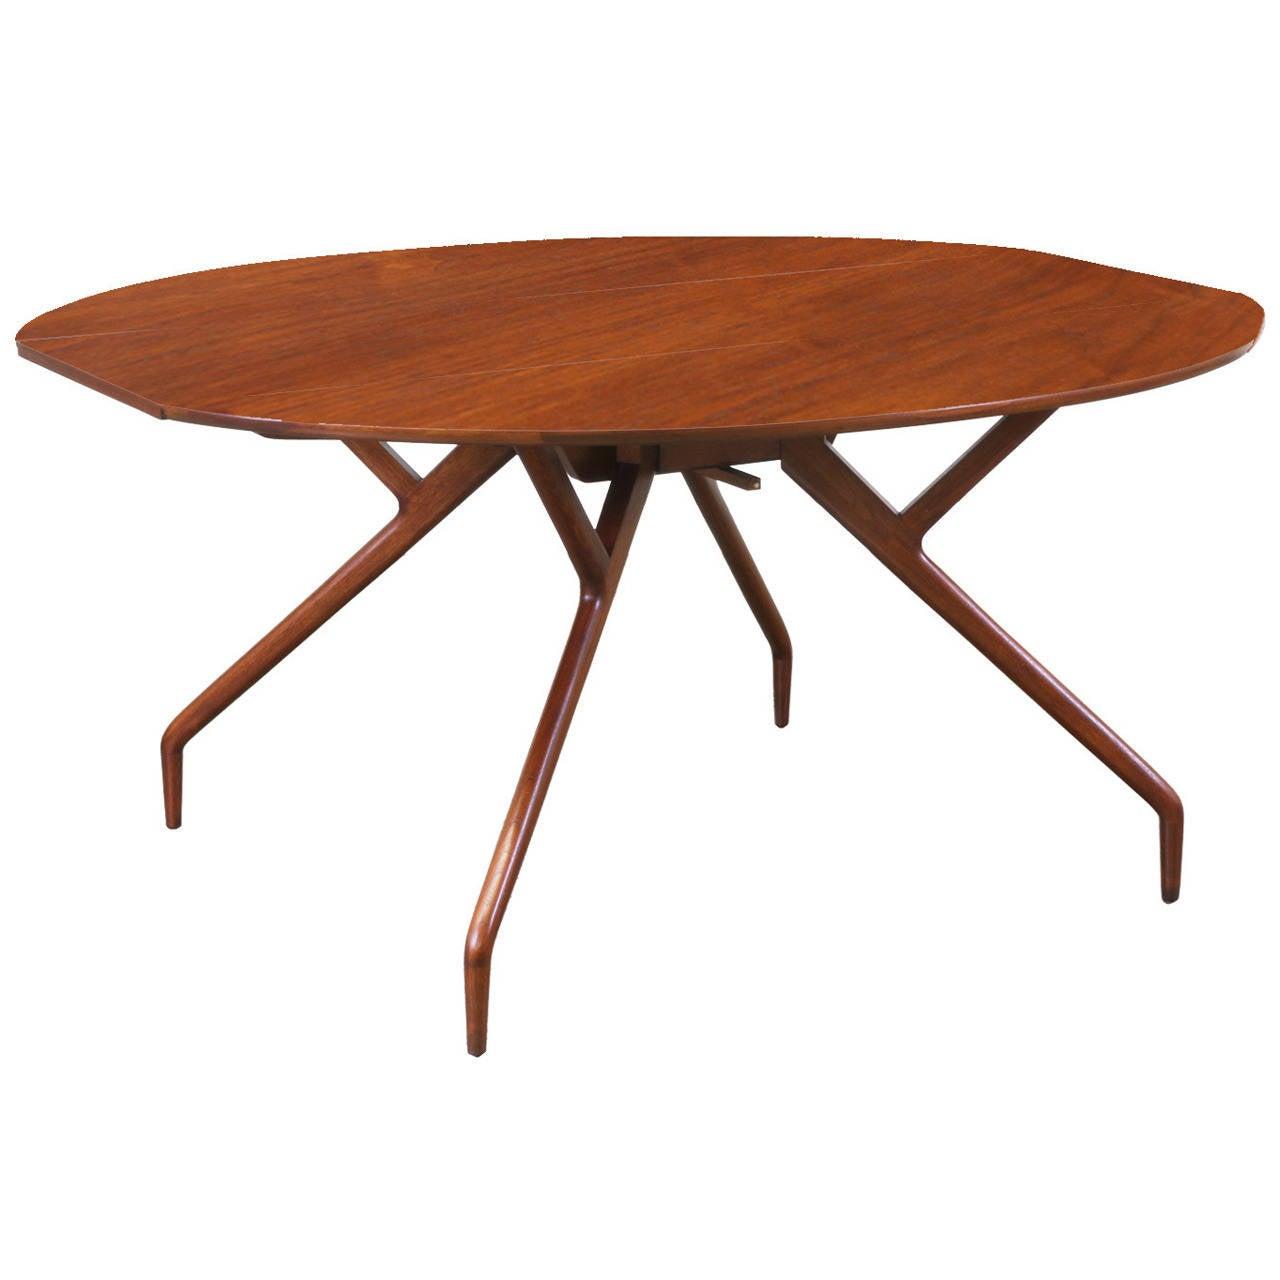 Greta m grossman spider dining table for glenn of california greta m grossman spider dining table for glenn of california 1 geotapseo Gallery